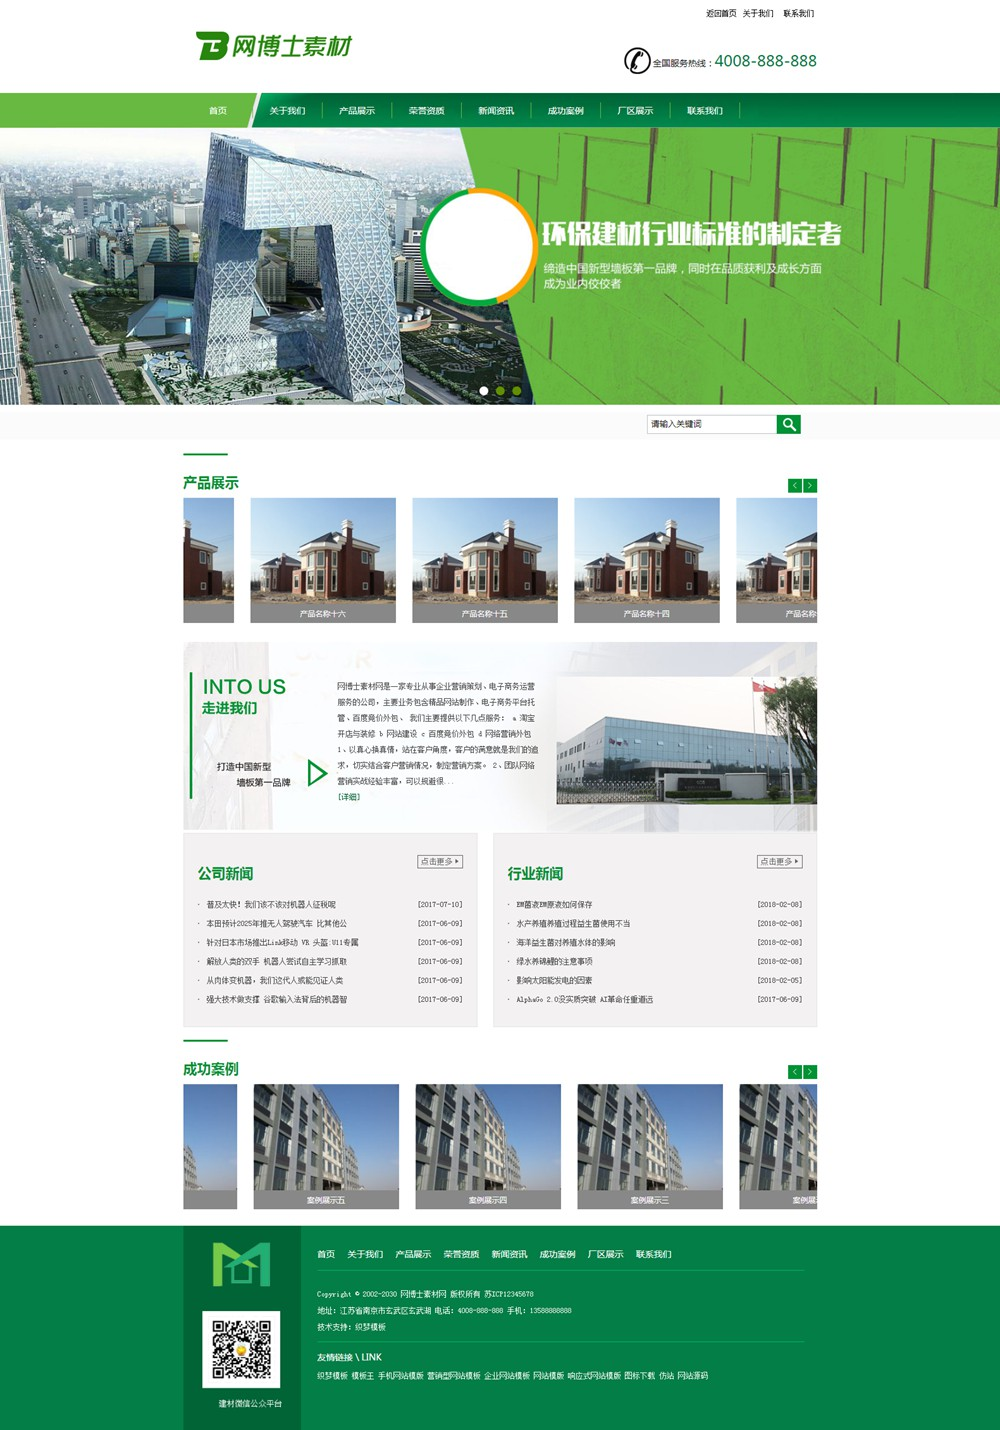 (带数据版数据同步)绿色低碳环保节能建材类织梦模板 绿色环保建材网站源码下载